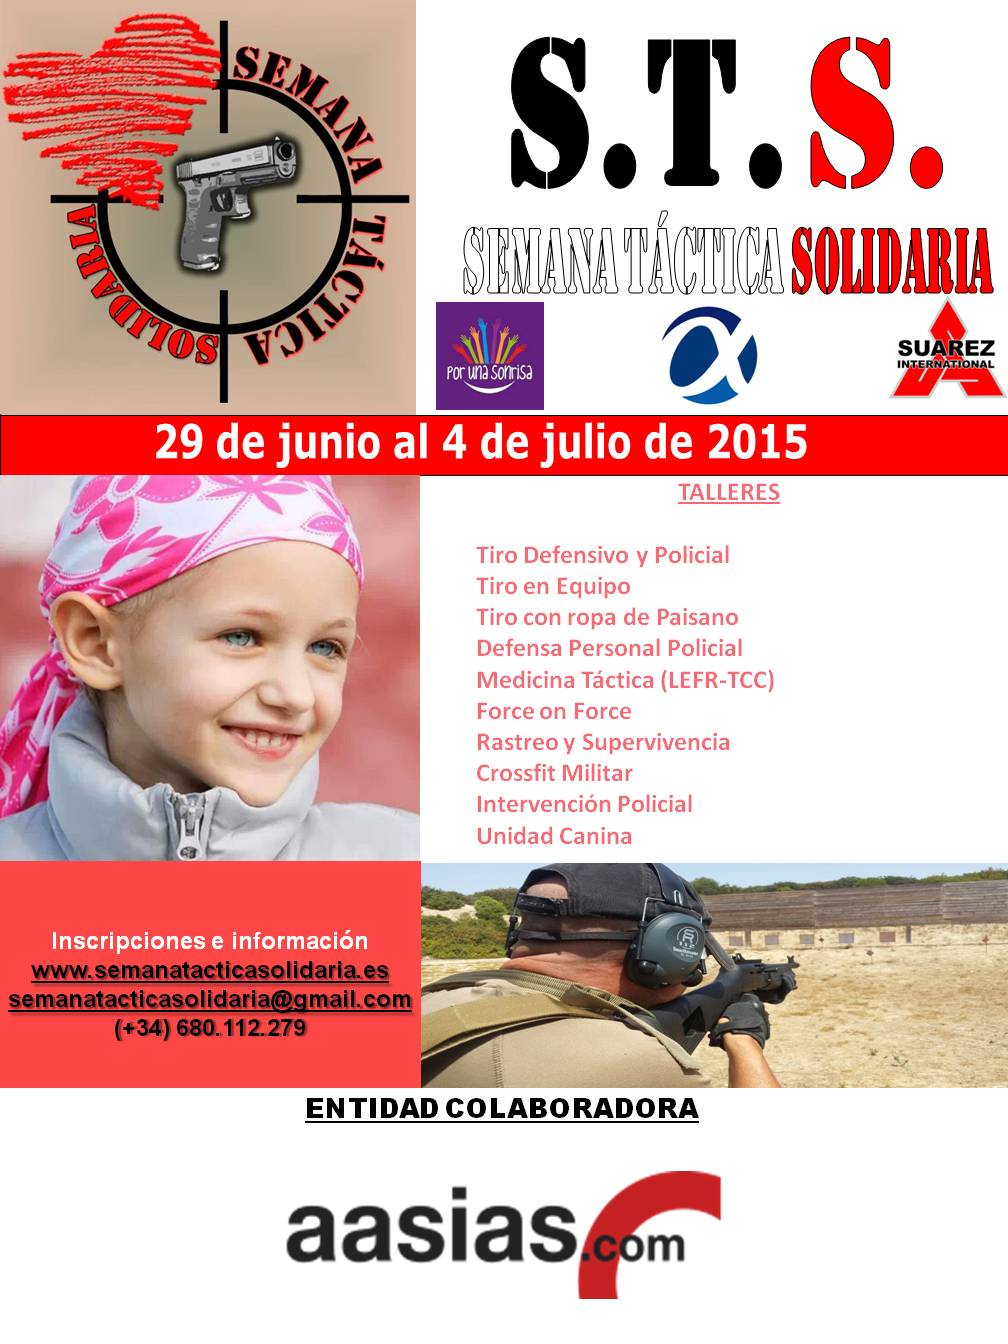 Andreu Soler i Associats con la Semana Táctica Solidaria